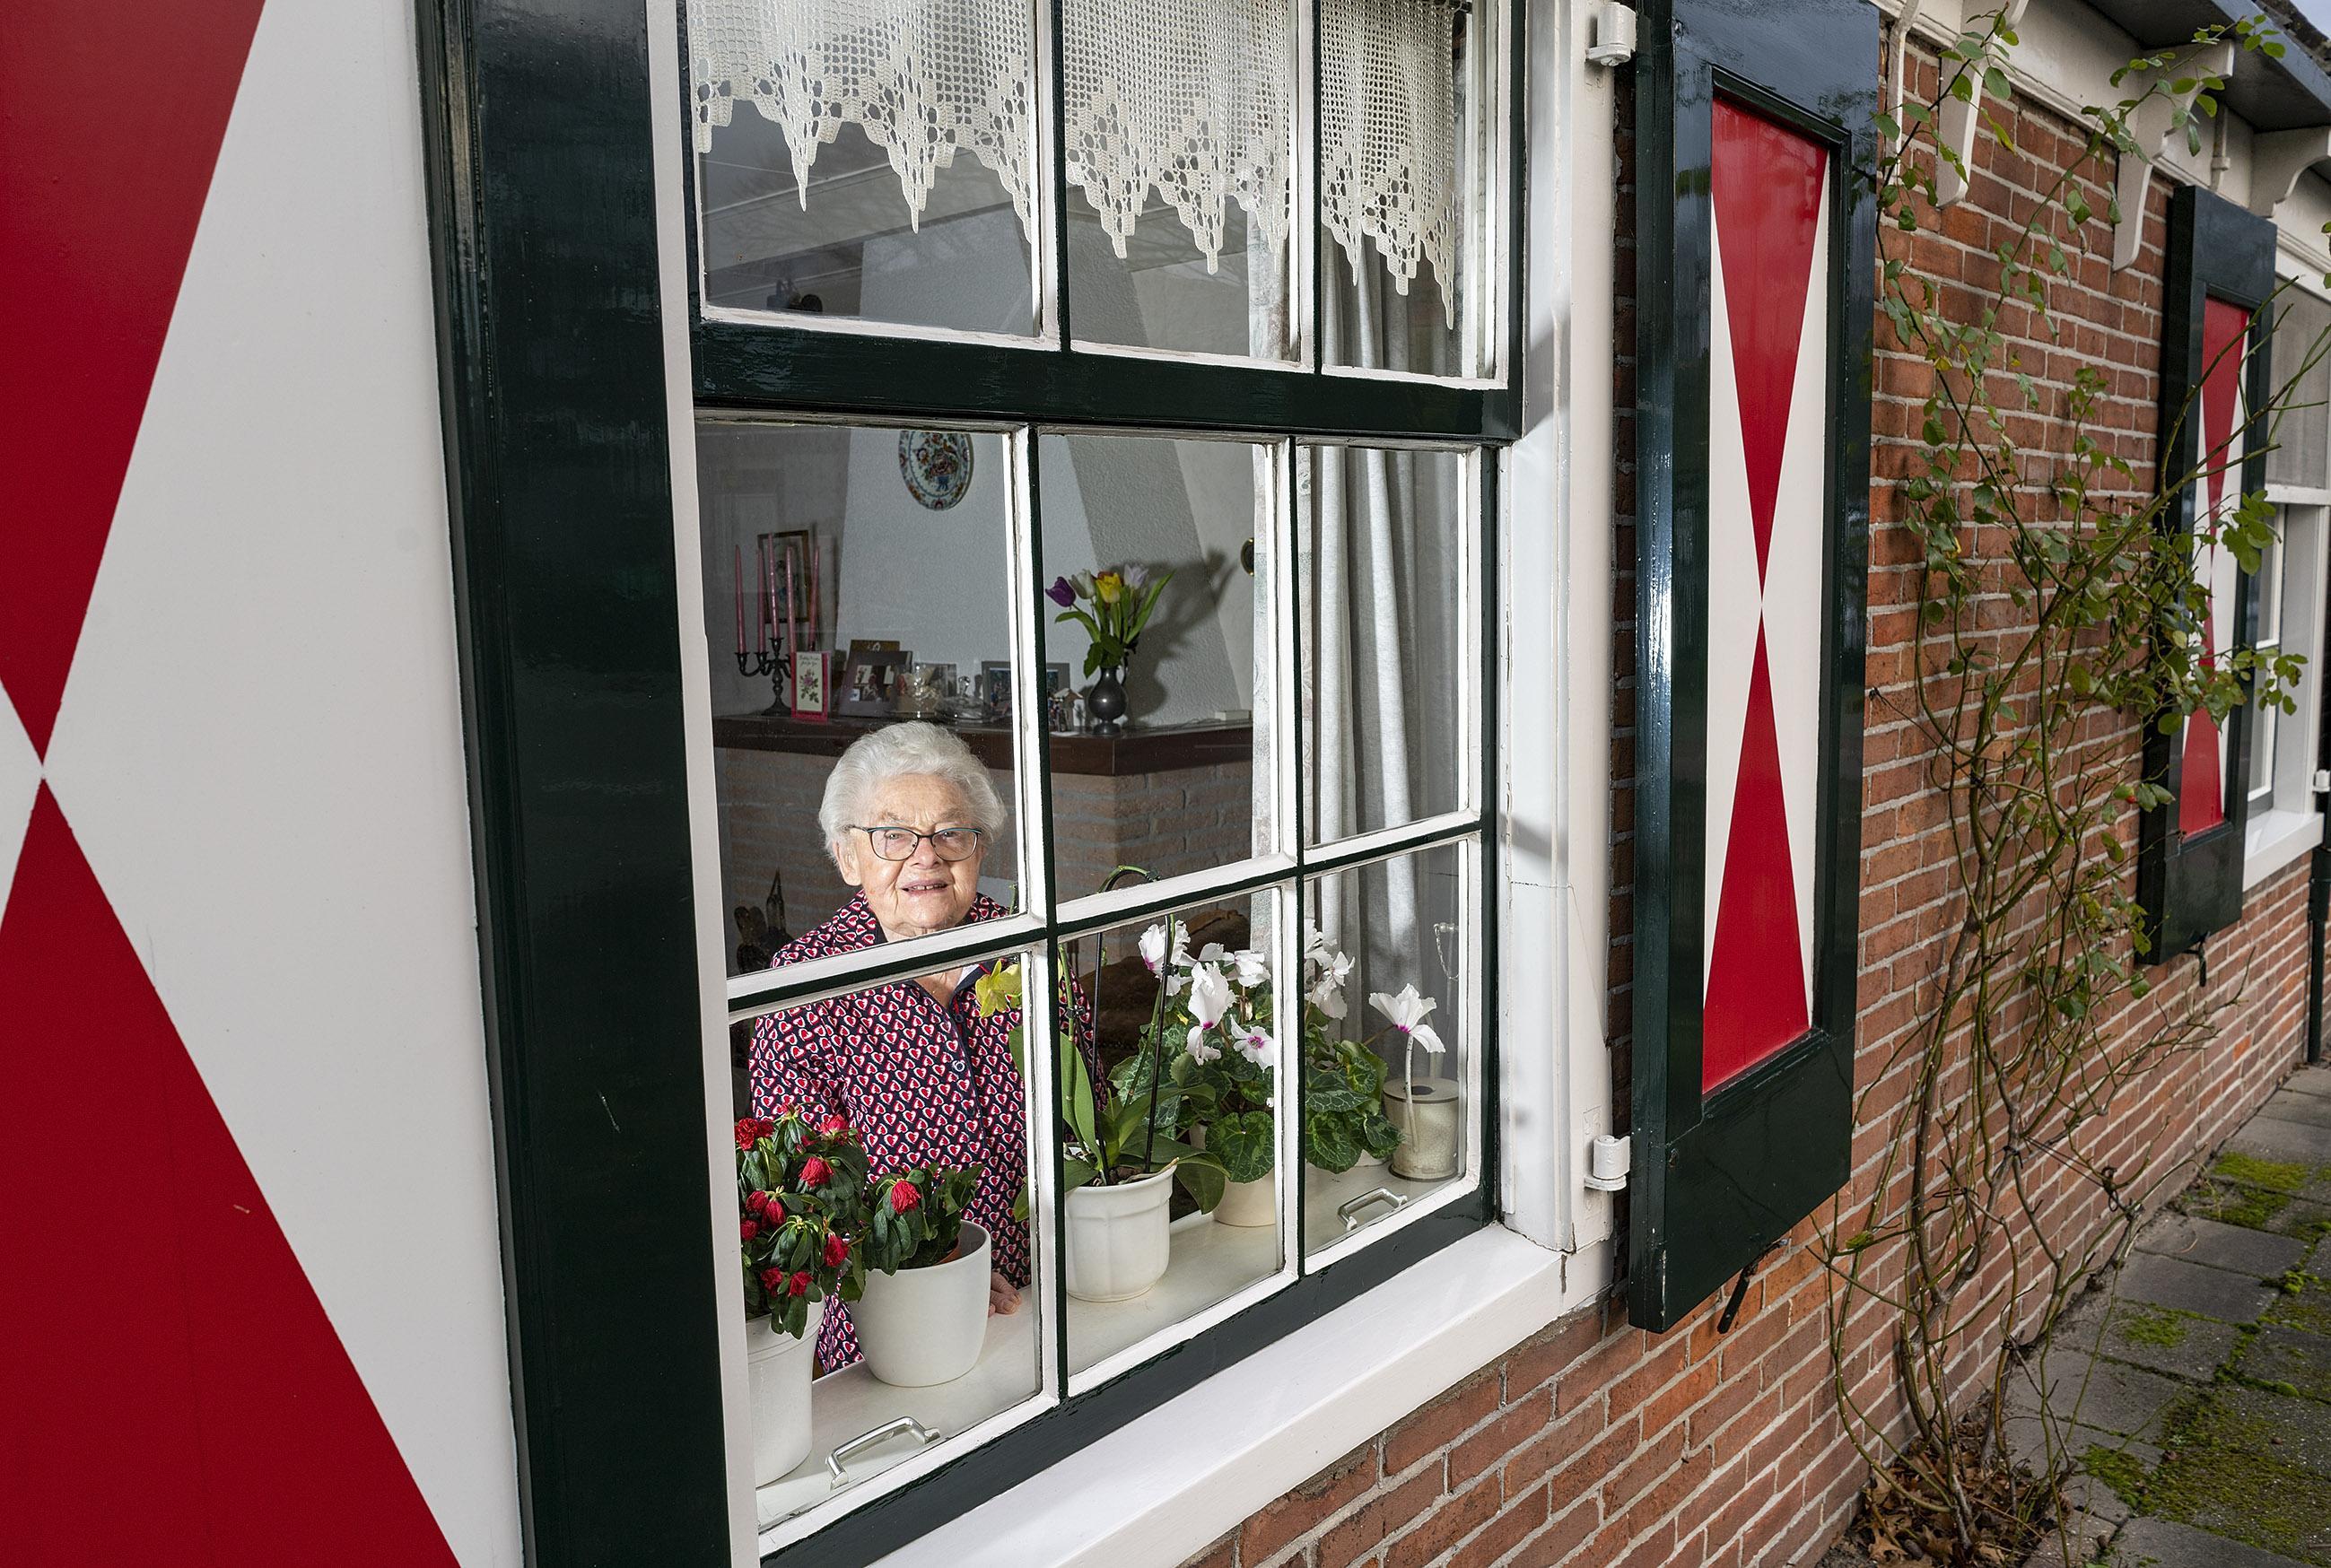 De moeder van Rie Modder overleed bij haar geboorte. Haar vader stond haar af aan zijn broer. Ze is nu bijna 90 en woont al net zo lang in dat kleine huisje. Een man? ''t Was 'm elke keer niet'